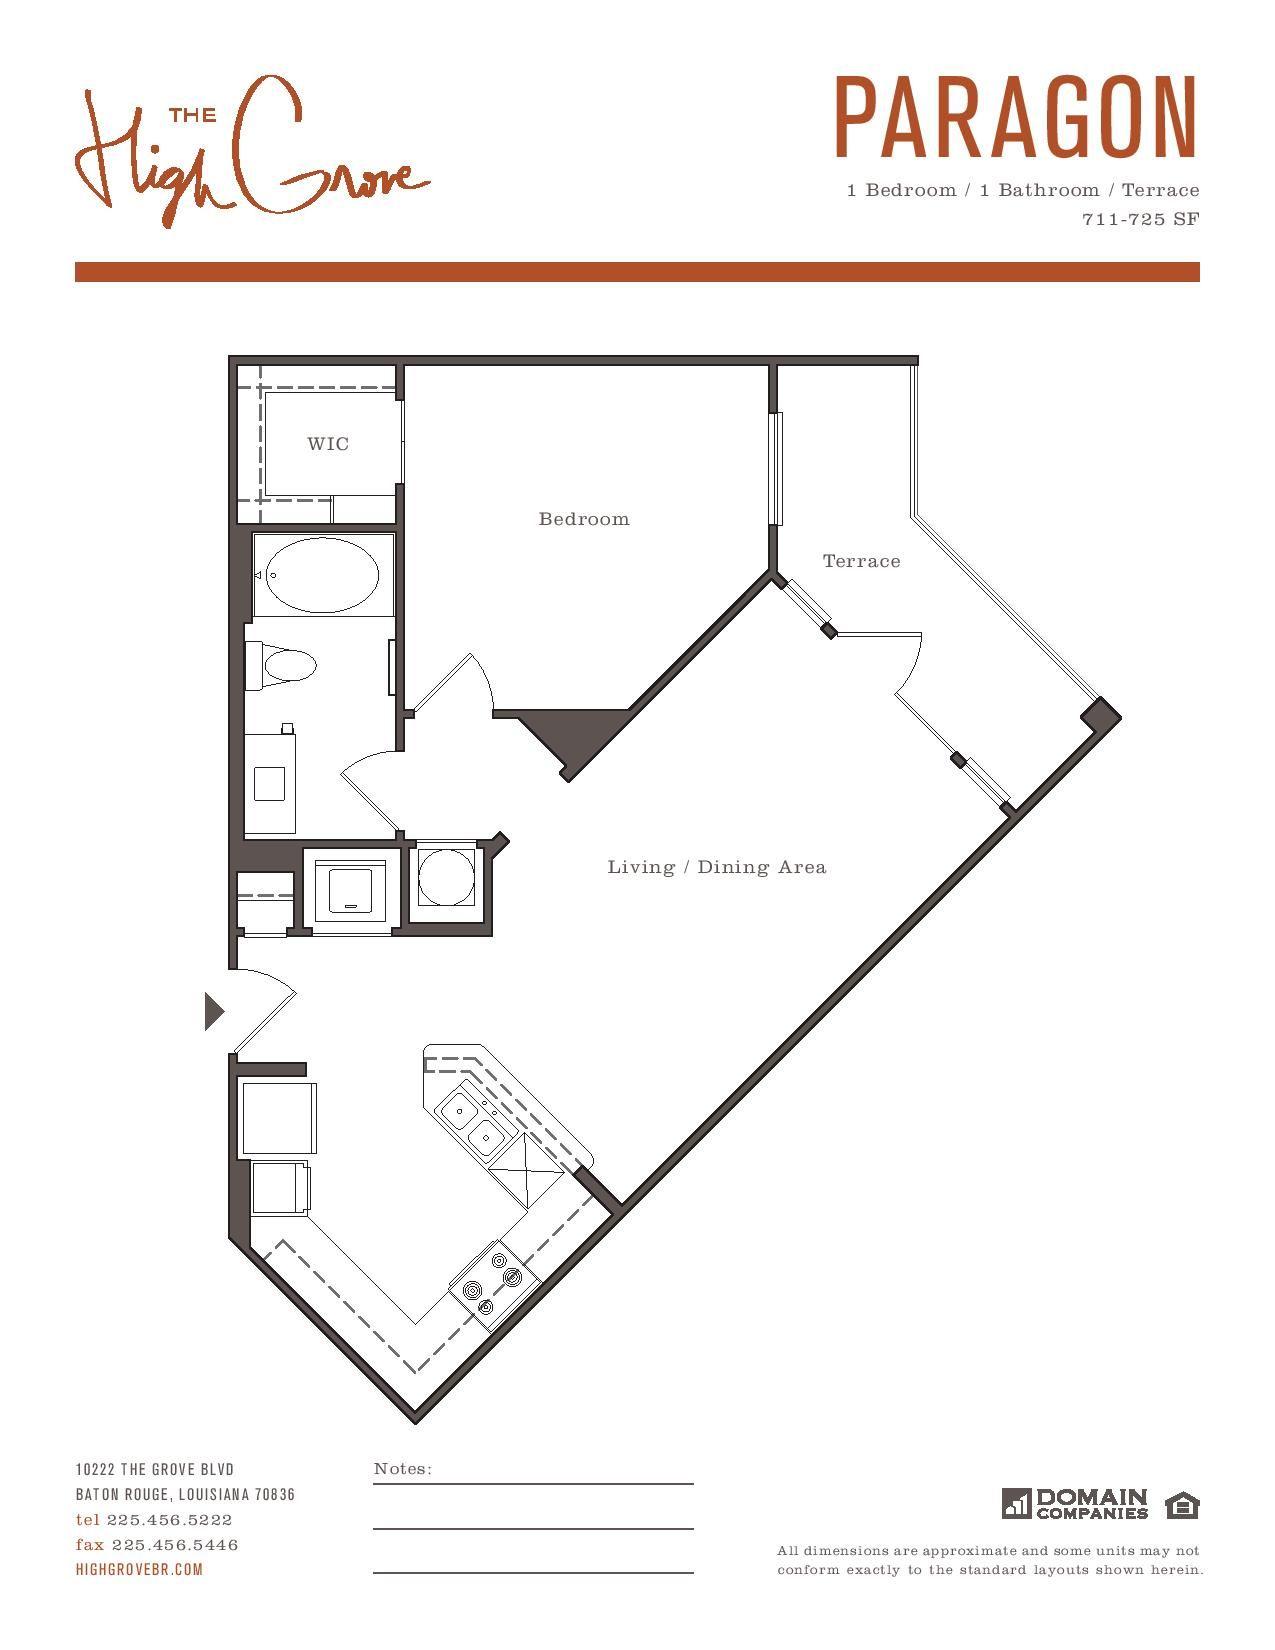 Paragon One Bedroom Floor Plan Home Design Floor Plans Earth Sheltered Homes Floor Plan Design